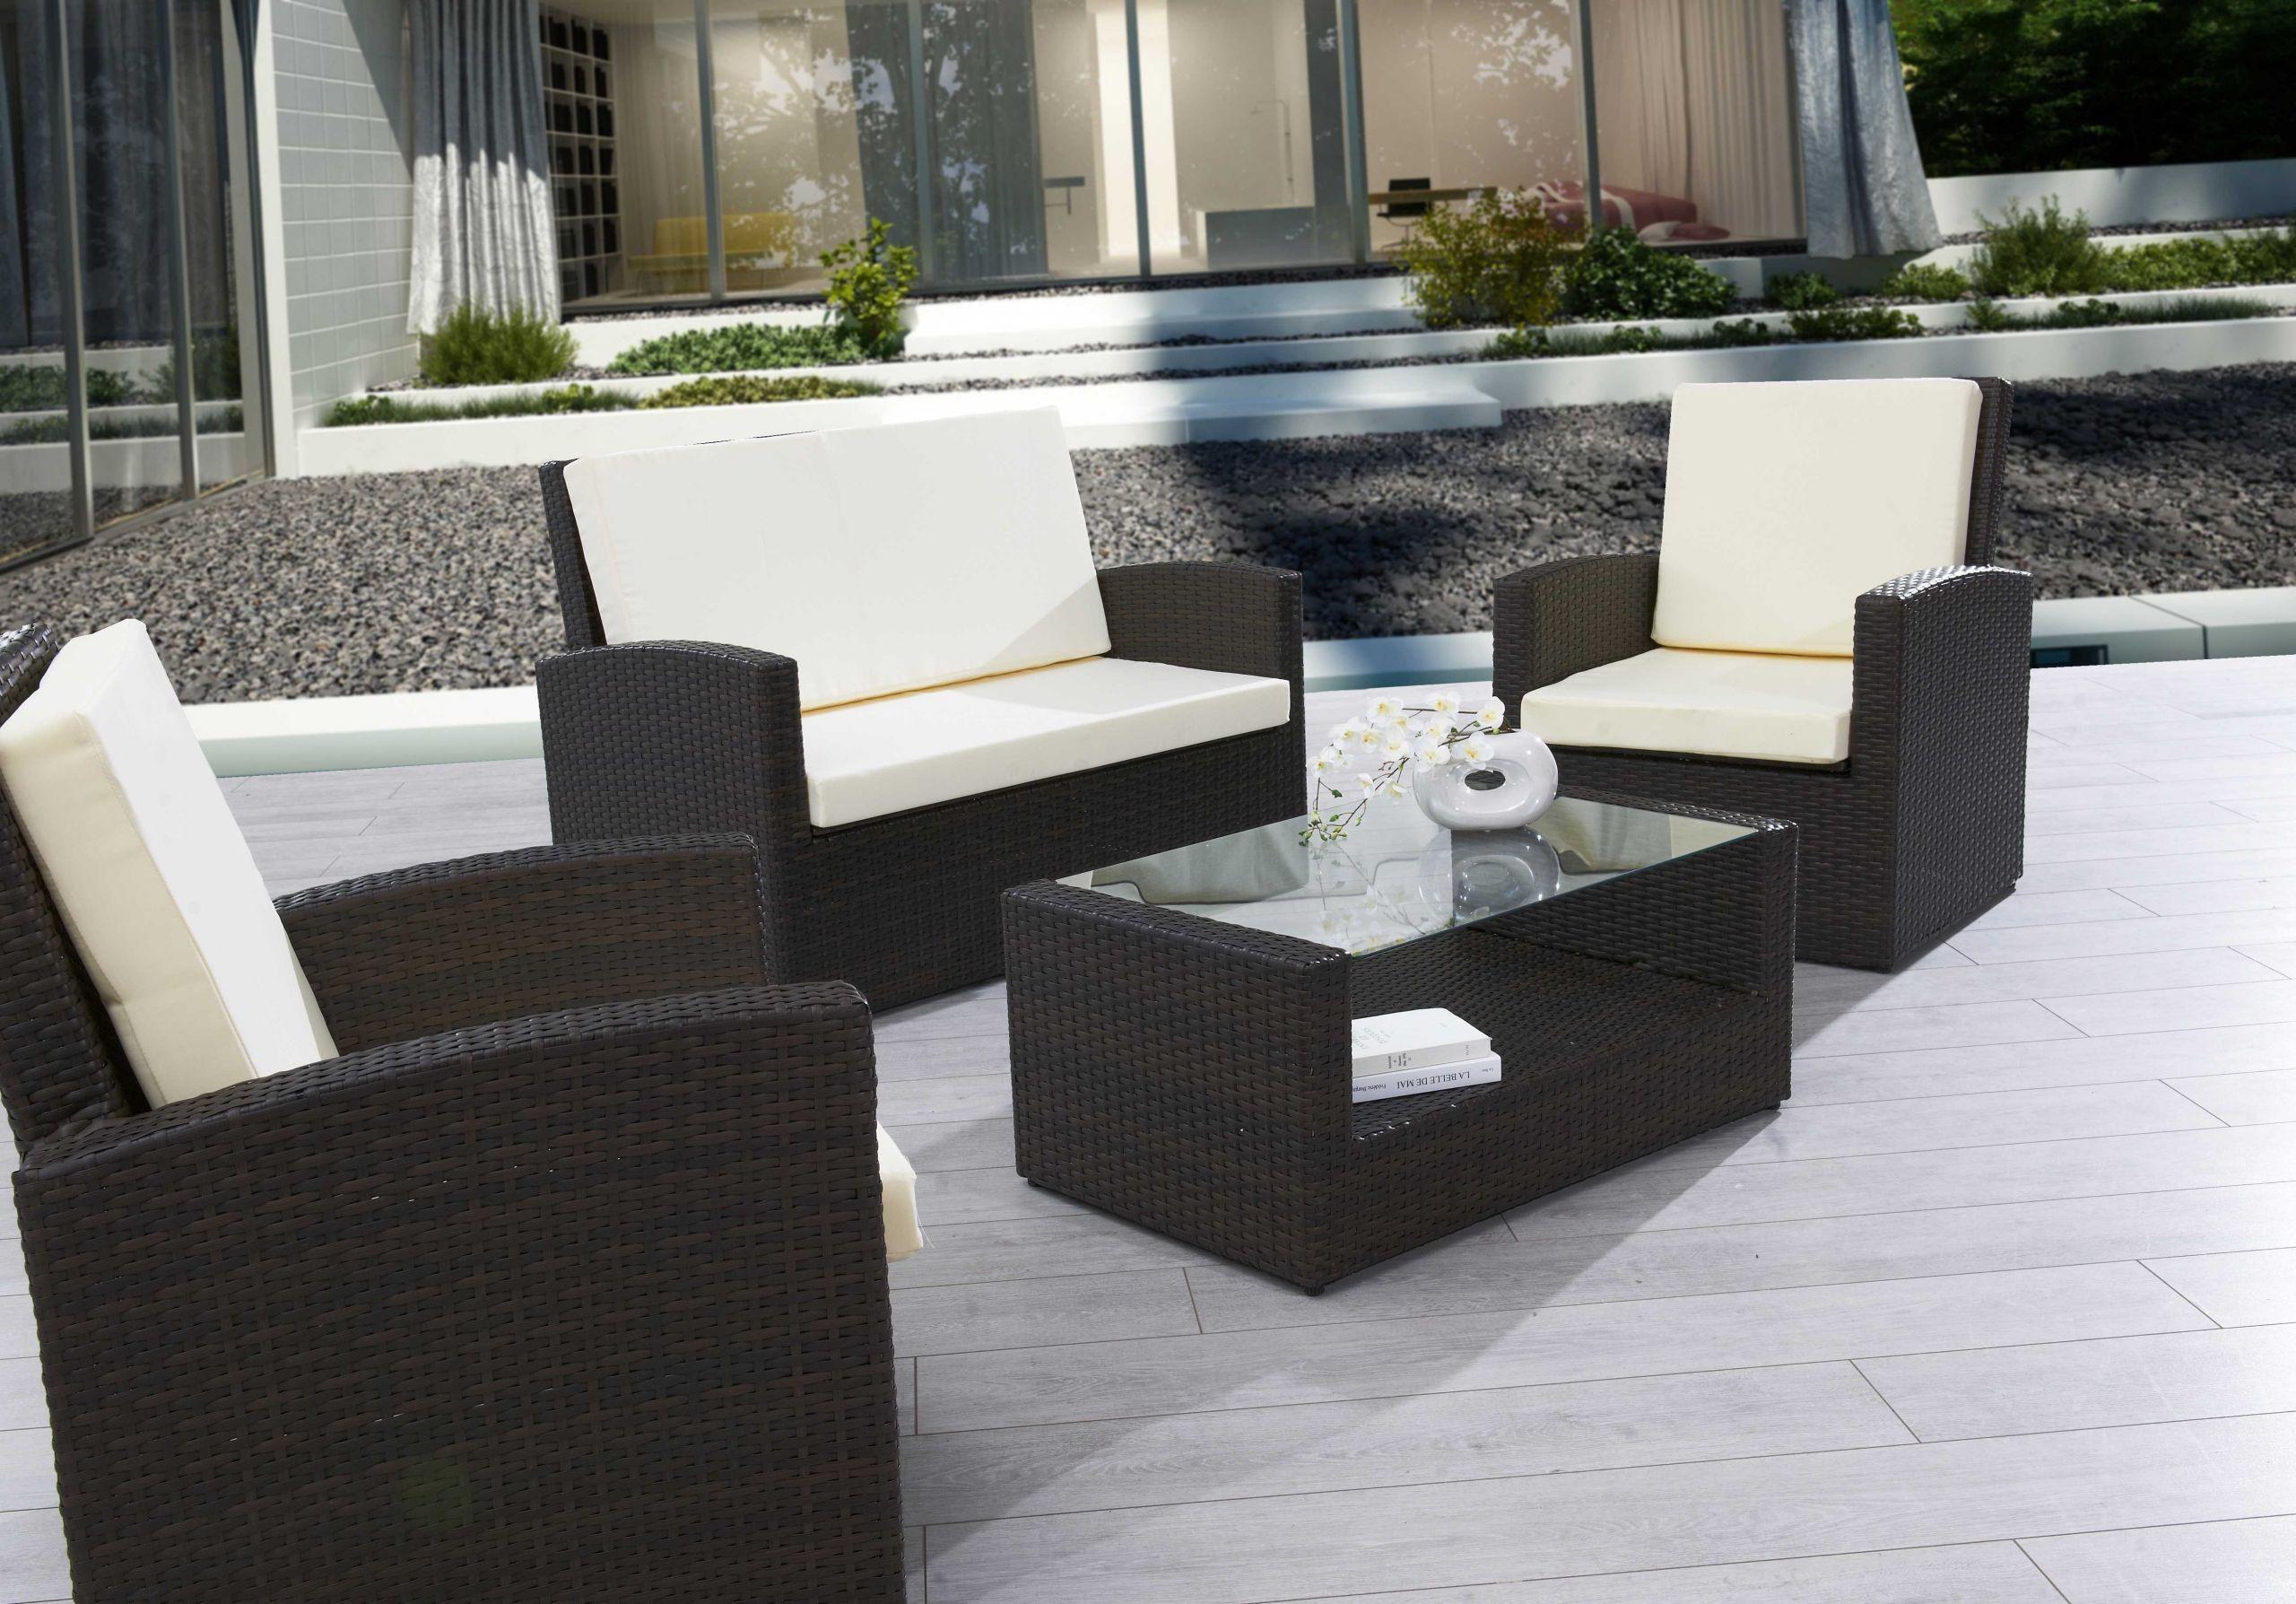 24 Luxe Salon De Jardin Pour Balcon | Salon Jardin encequiconcerne Table Et Chaise De Jardin Design